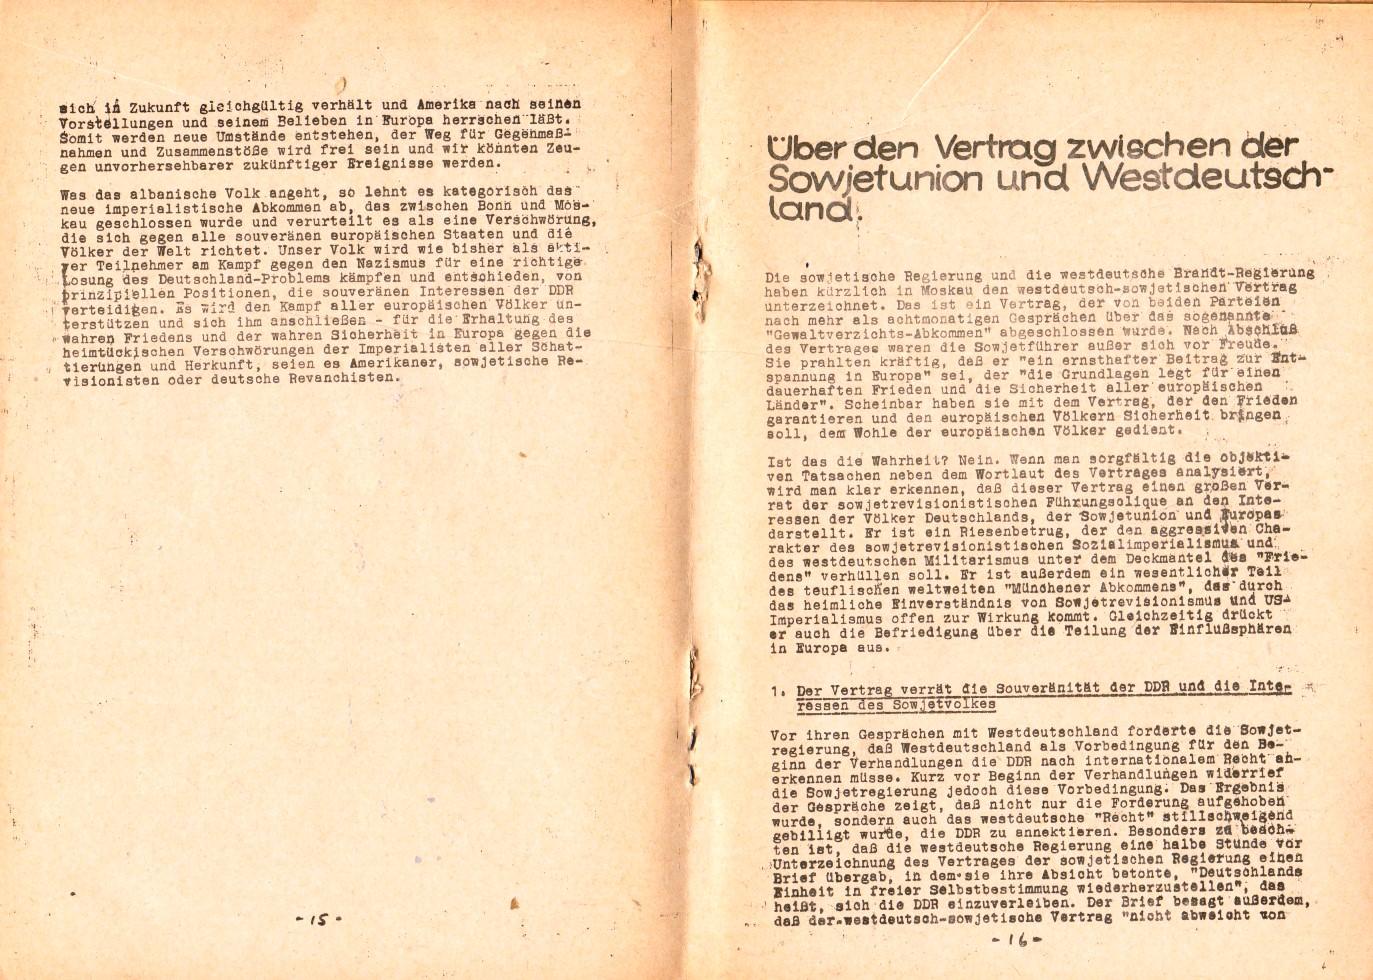 KPDML_1970_Der_sowjetisch_westdeutsche_Vertrag_11